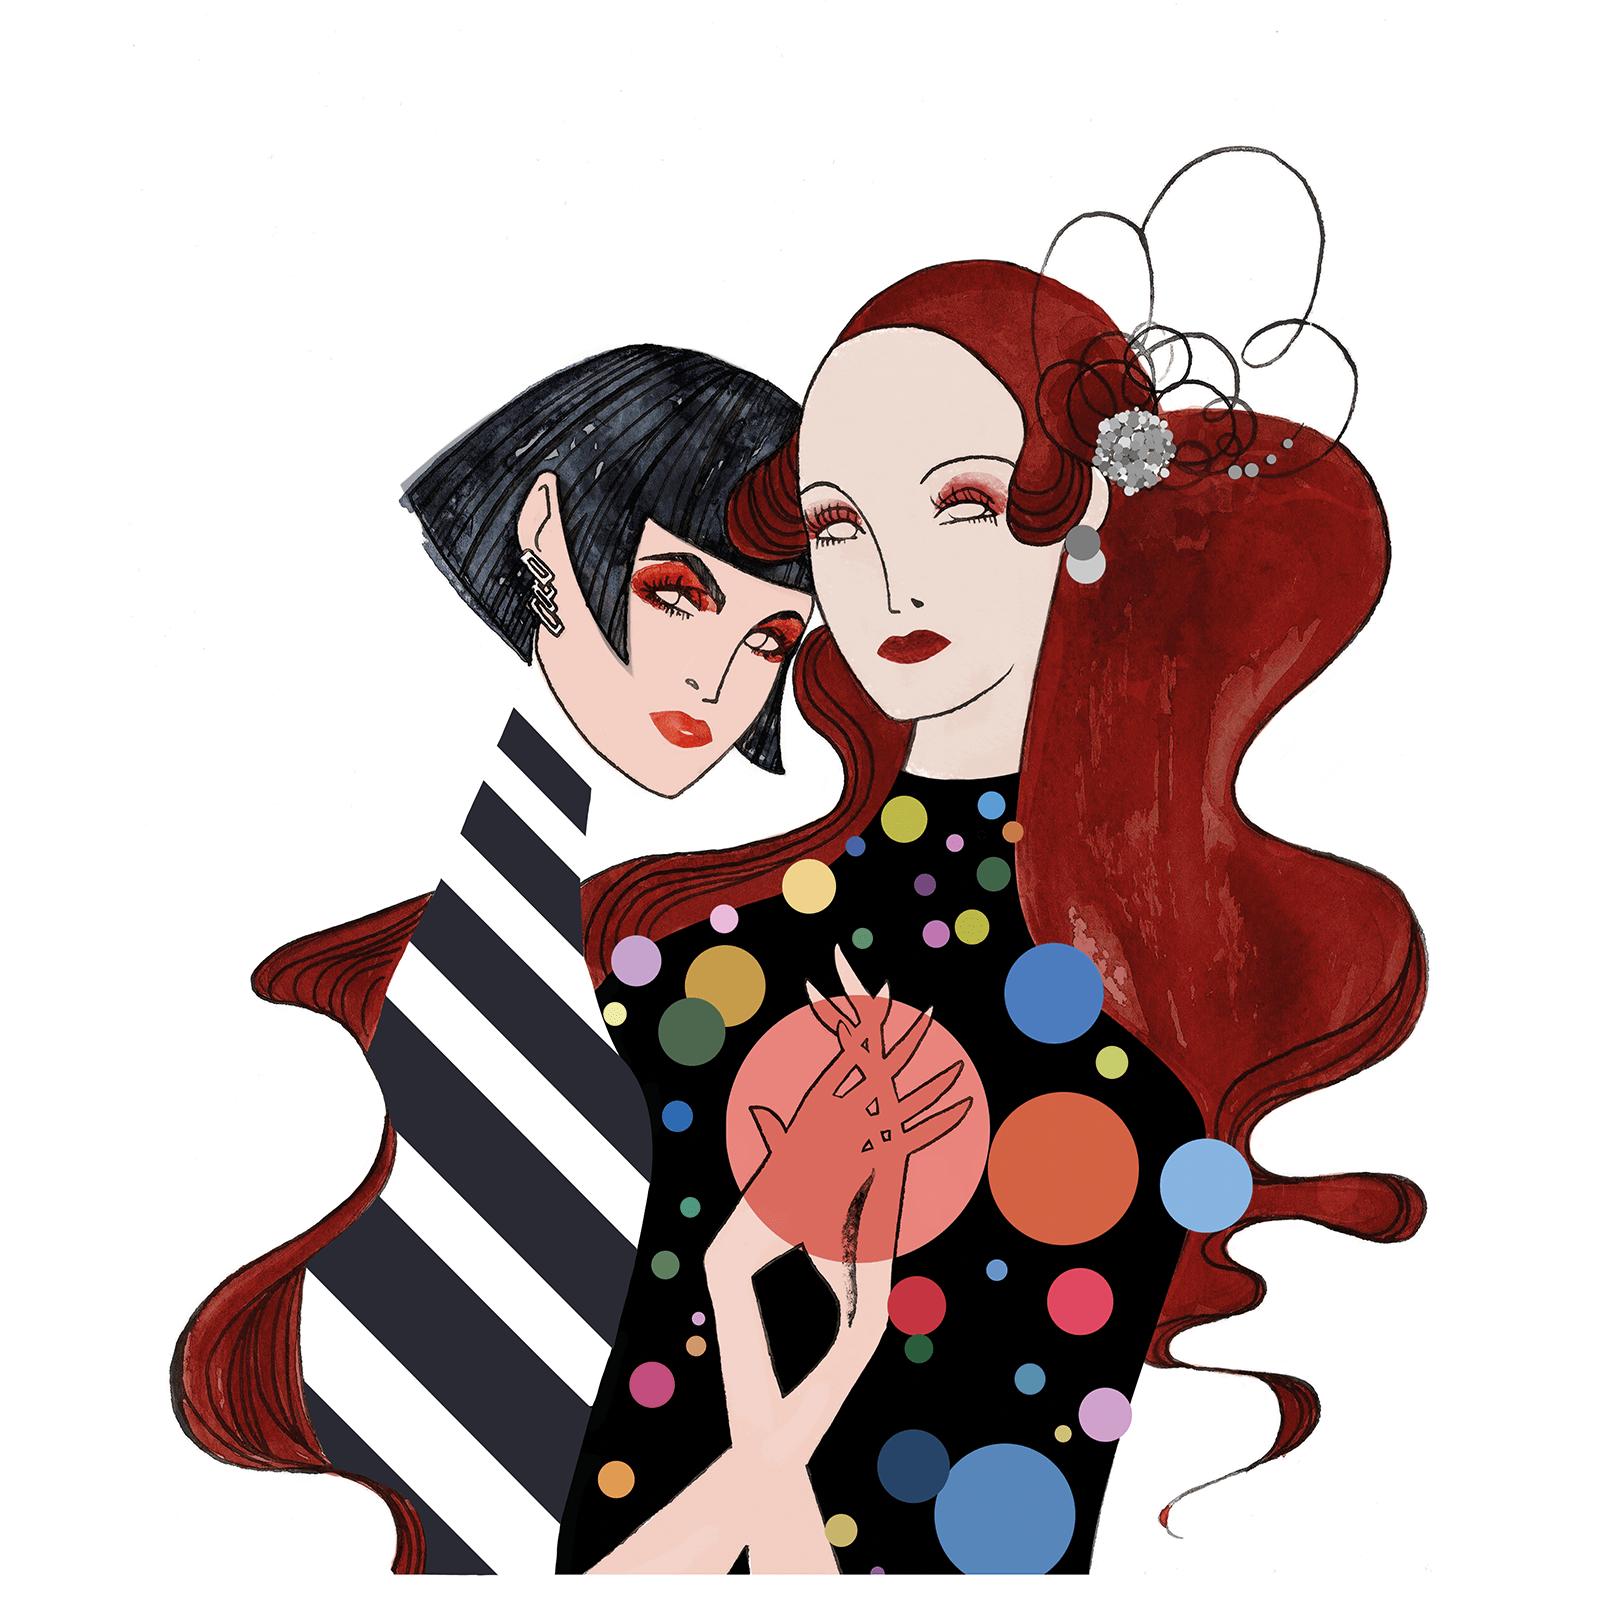 Potfolio-Illustration